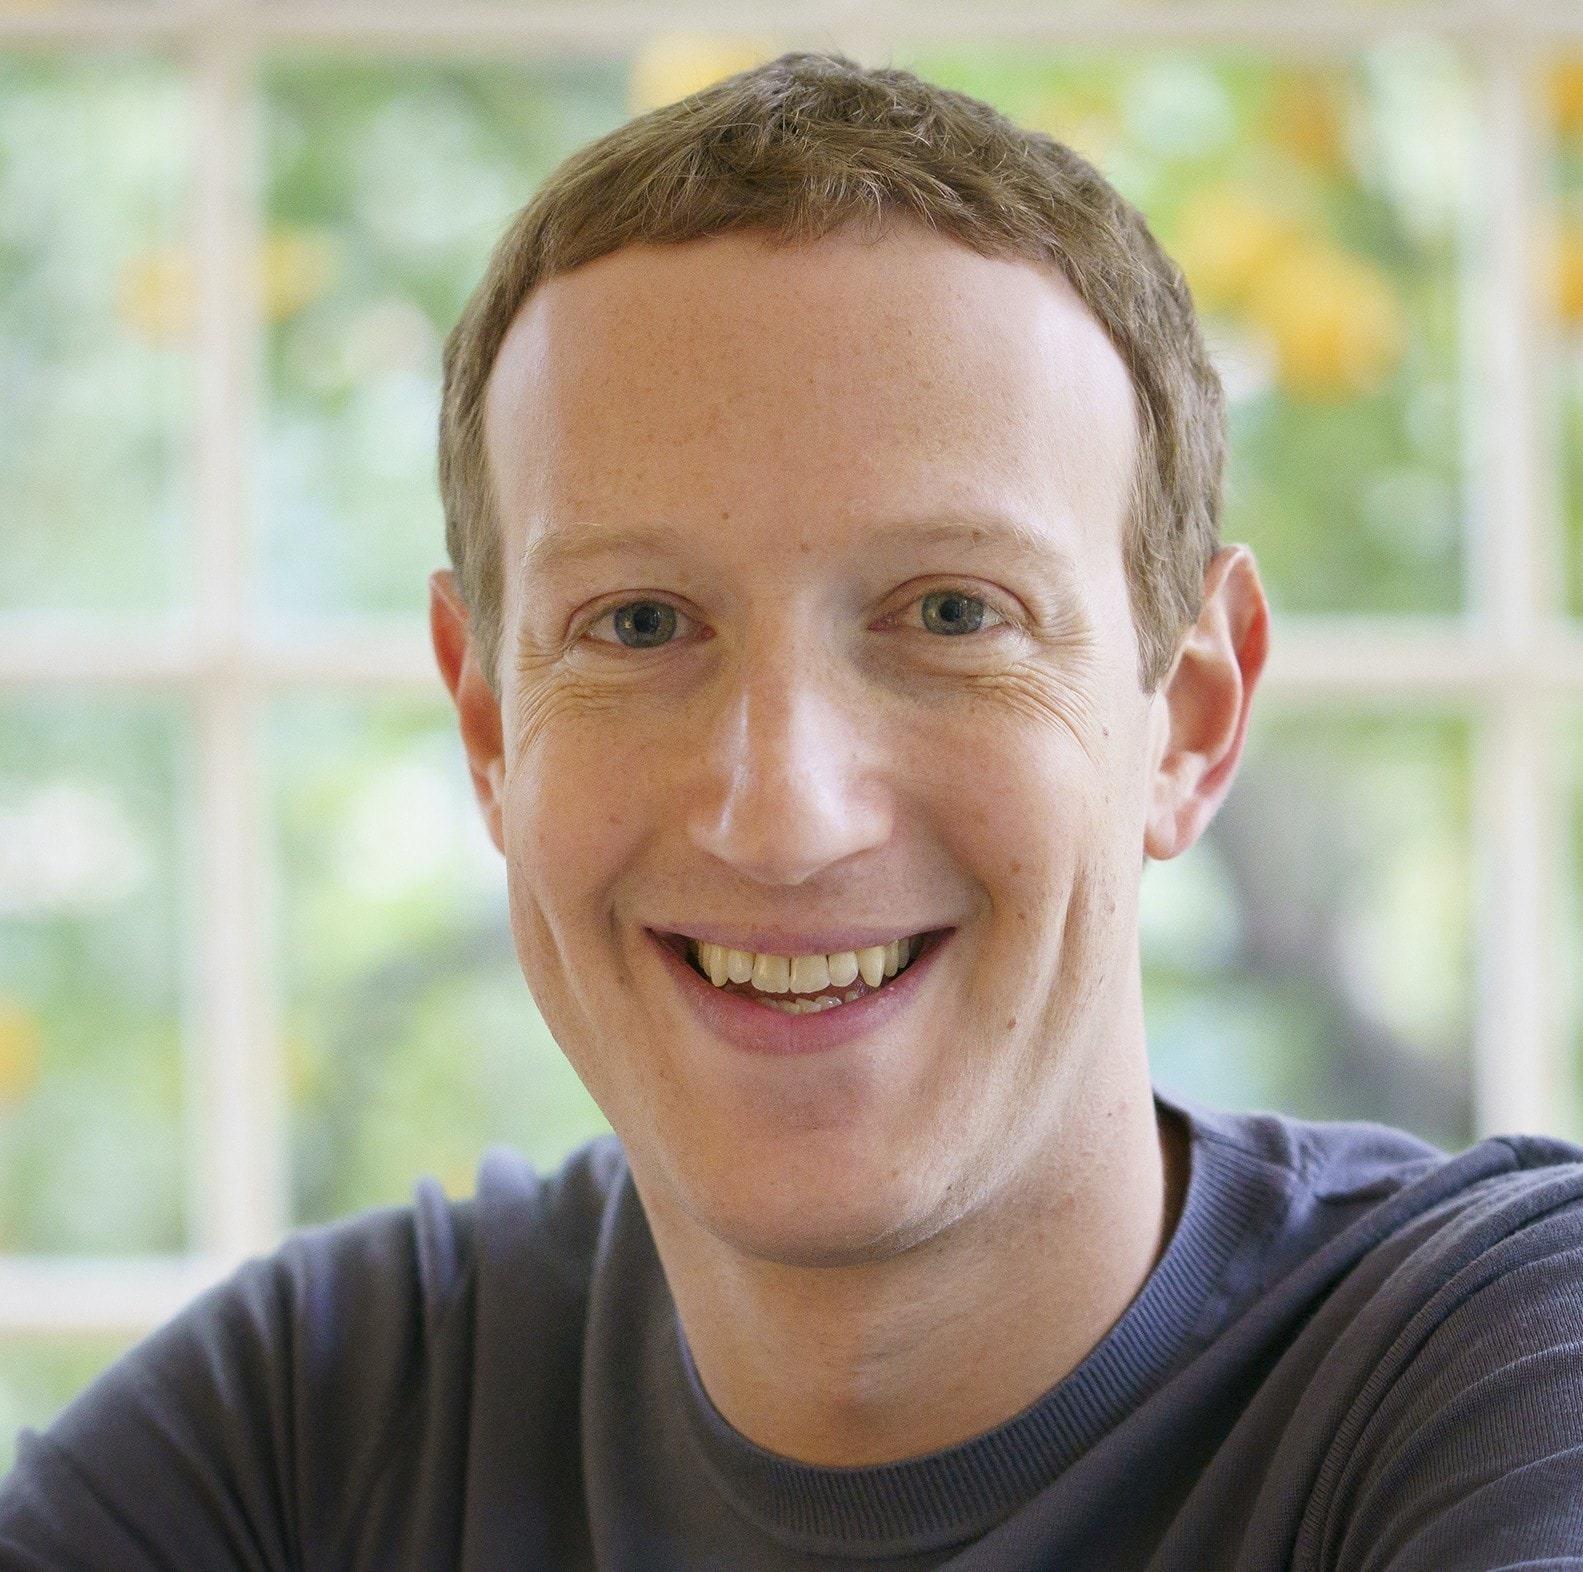 Αμερικανικές Εκλογές 2020: Ο  Mark Zuckerberg φοβάται αναταραχές μετά τις εκλογές